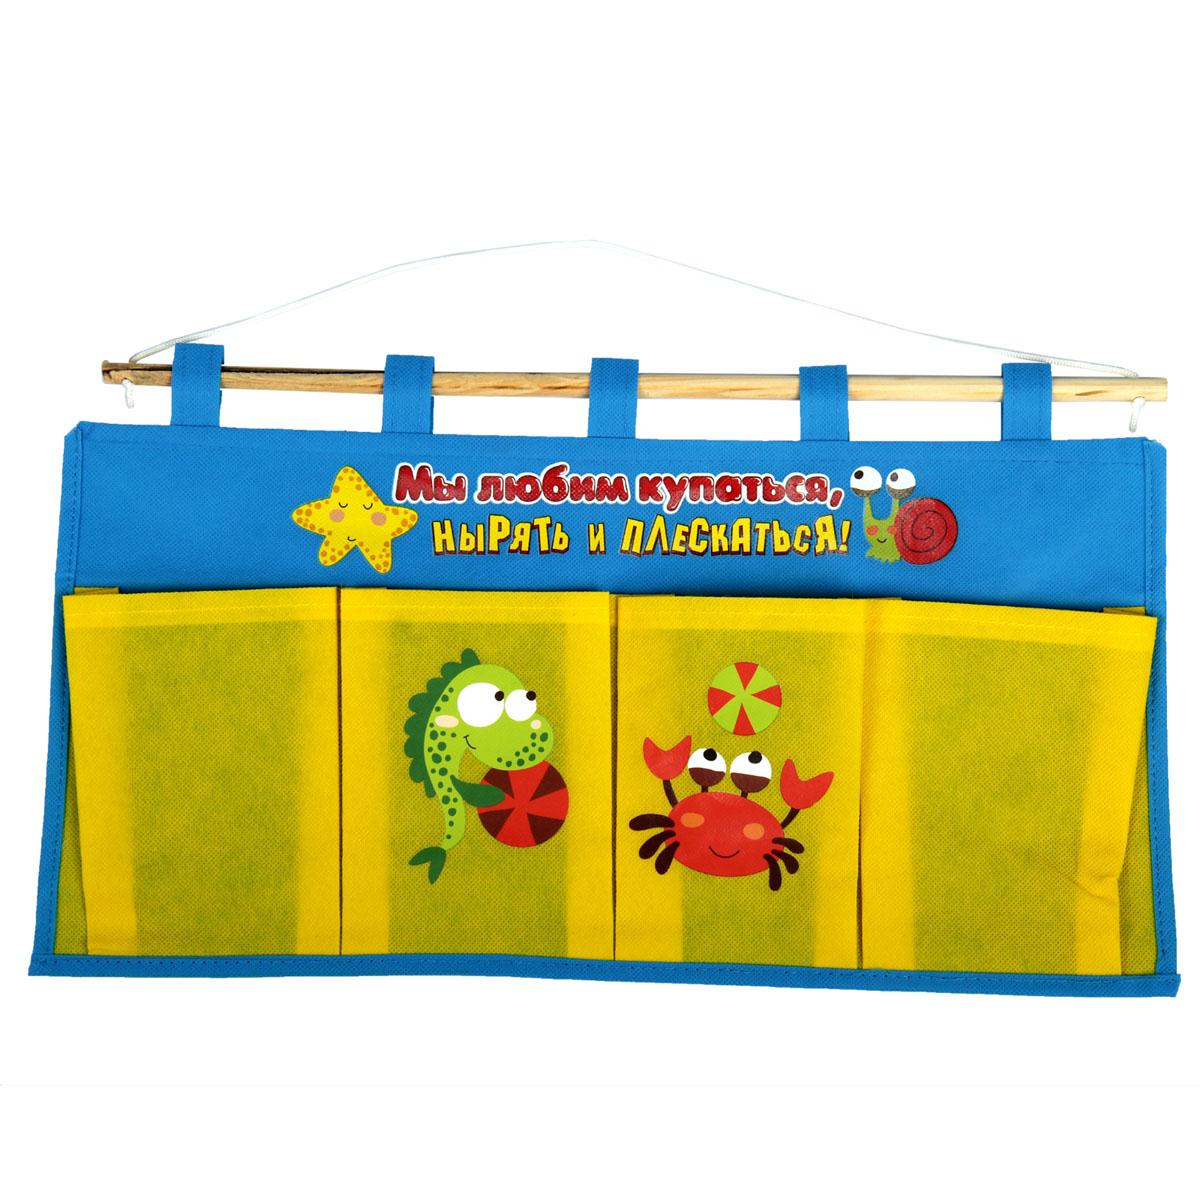 Кармашки на стену Sima-land Мы любим купаться, цвет: голубой, желтый, красный, 4 шт842448Кармашки на стену Sima-land «Мы любим купаться», изготовленные из текстиля, предназначены для хранения необходимых вещей, множества мелочей в гардеробной, ванной, детской комнатах. Изделие представляет собой текстильное полотно с четырьмя пришитыми кармашками. Благодаря деревянной планке и шнурку, кармашки можно подвесить на стену или дверь в необходимом для вас месте. Кармашки декорированы изображениями забавных морских обитателей и надписью «Мы любим купаться, нырять и плескаться!».Этот нужный предмет может стать одновременно и декоративным элементом комнаты. Яркий дизайн, как ничто иное, способен оживить интерьер вашего дома.